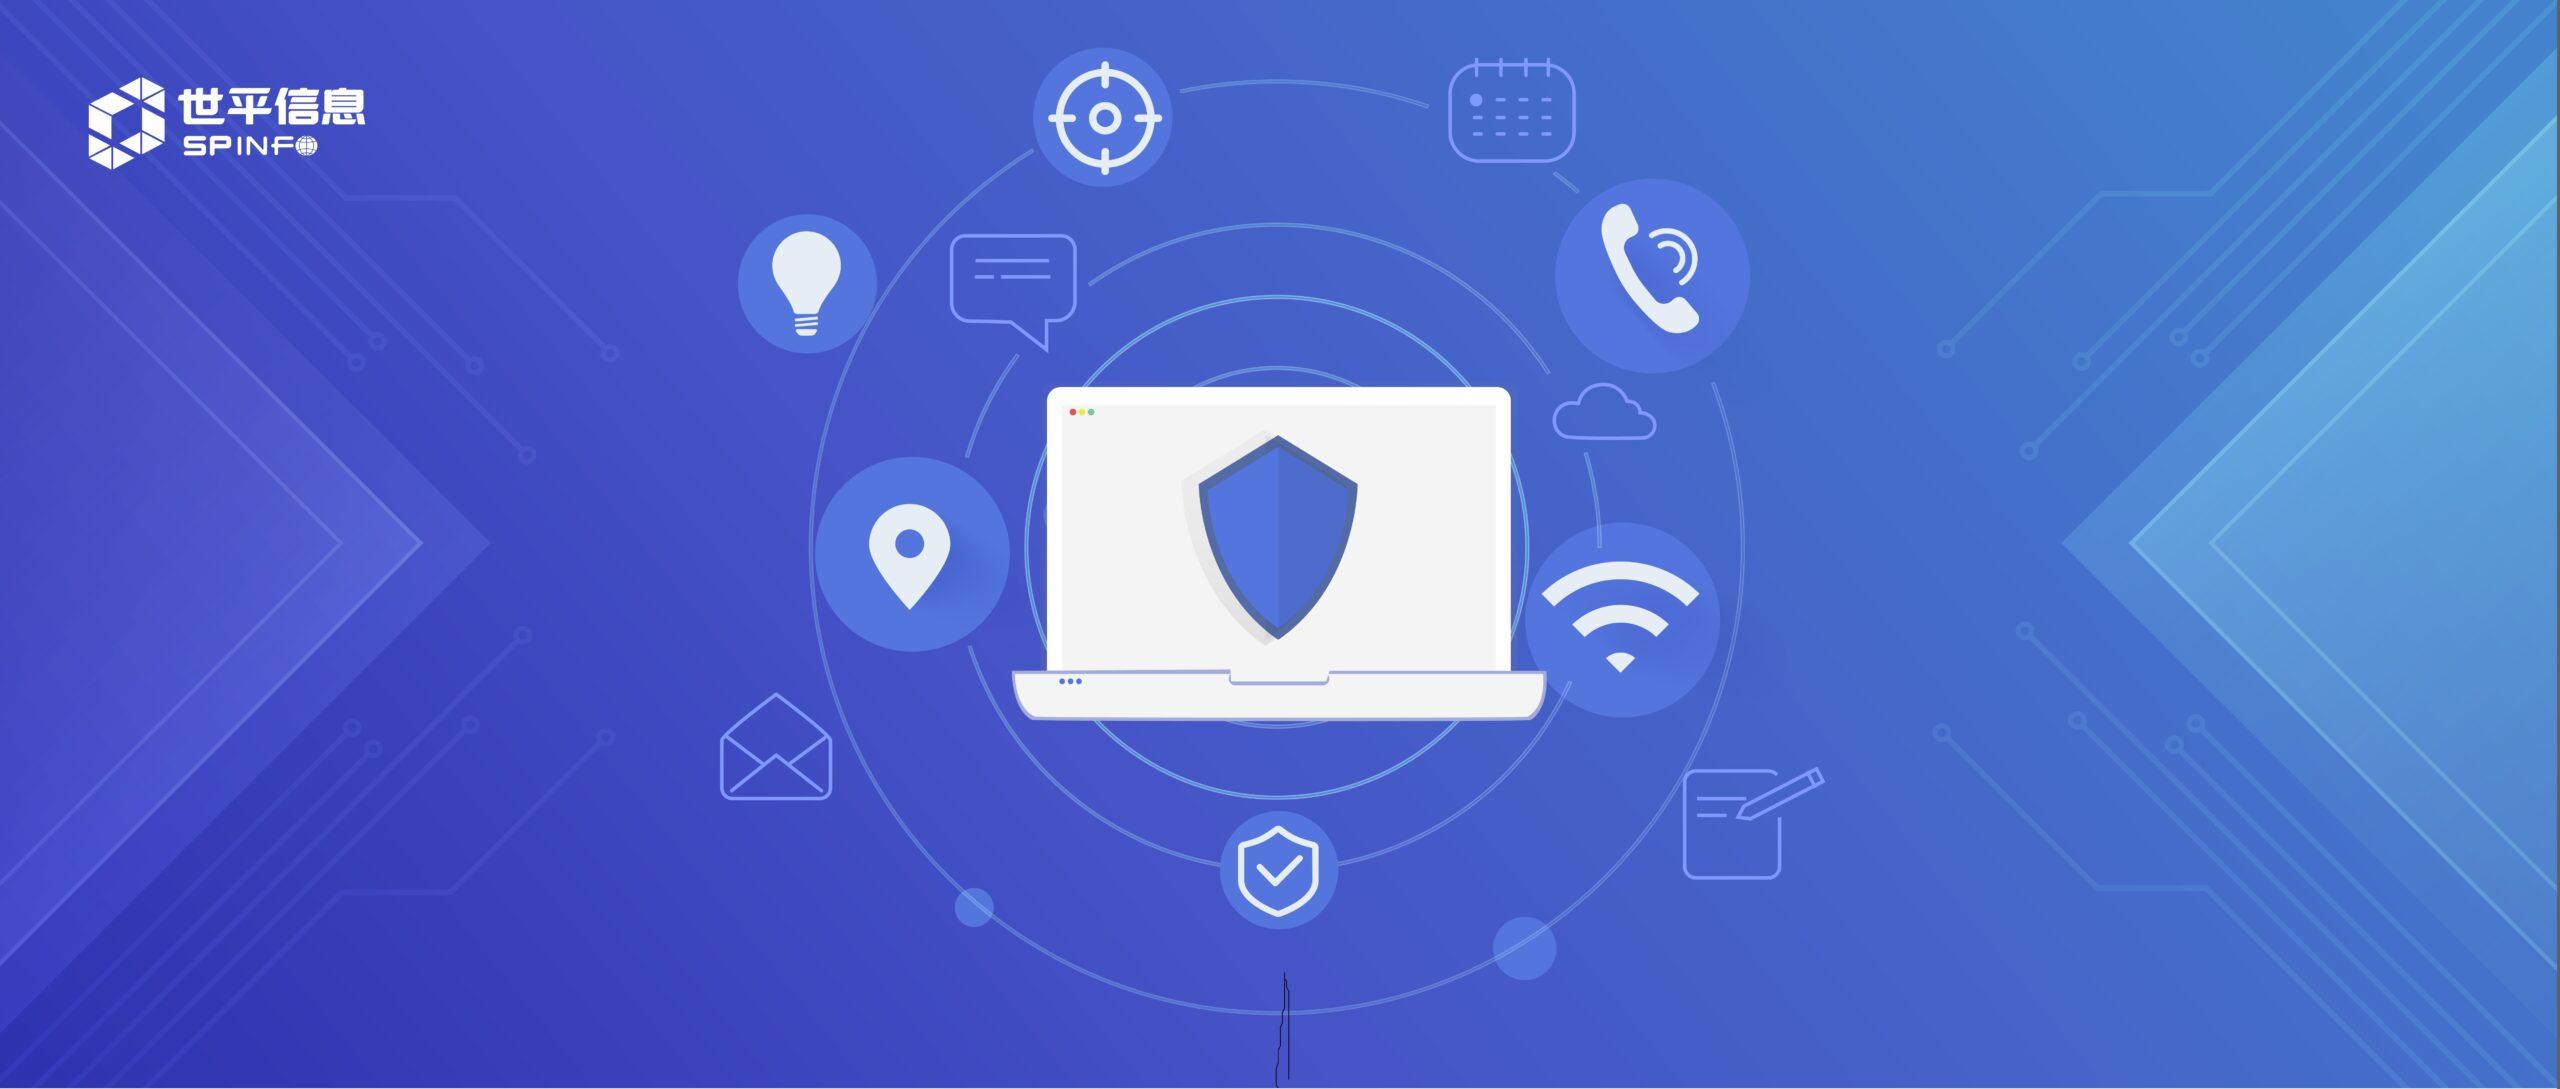 合规当头,如何平衡数据共享与隐私保护?